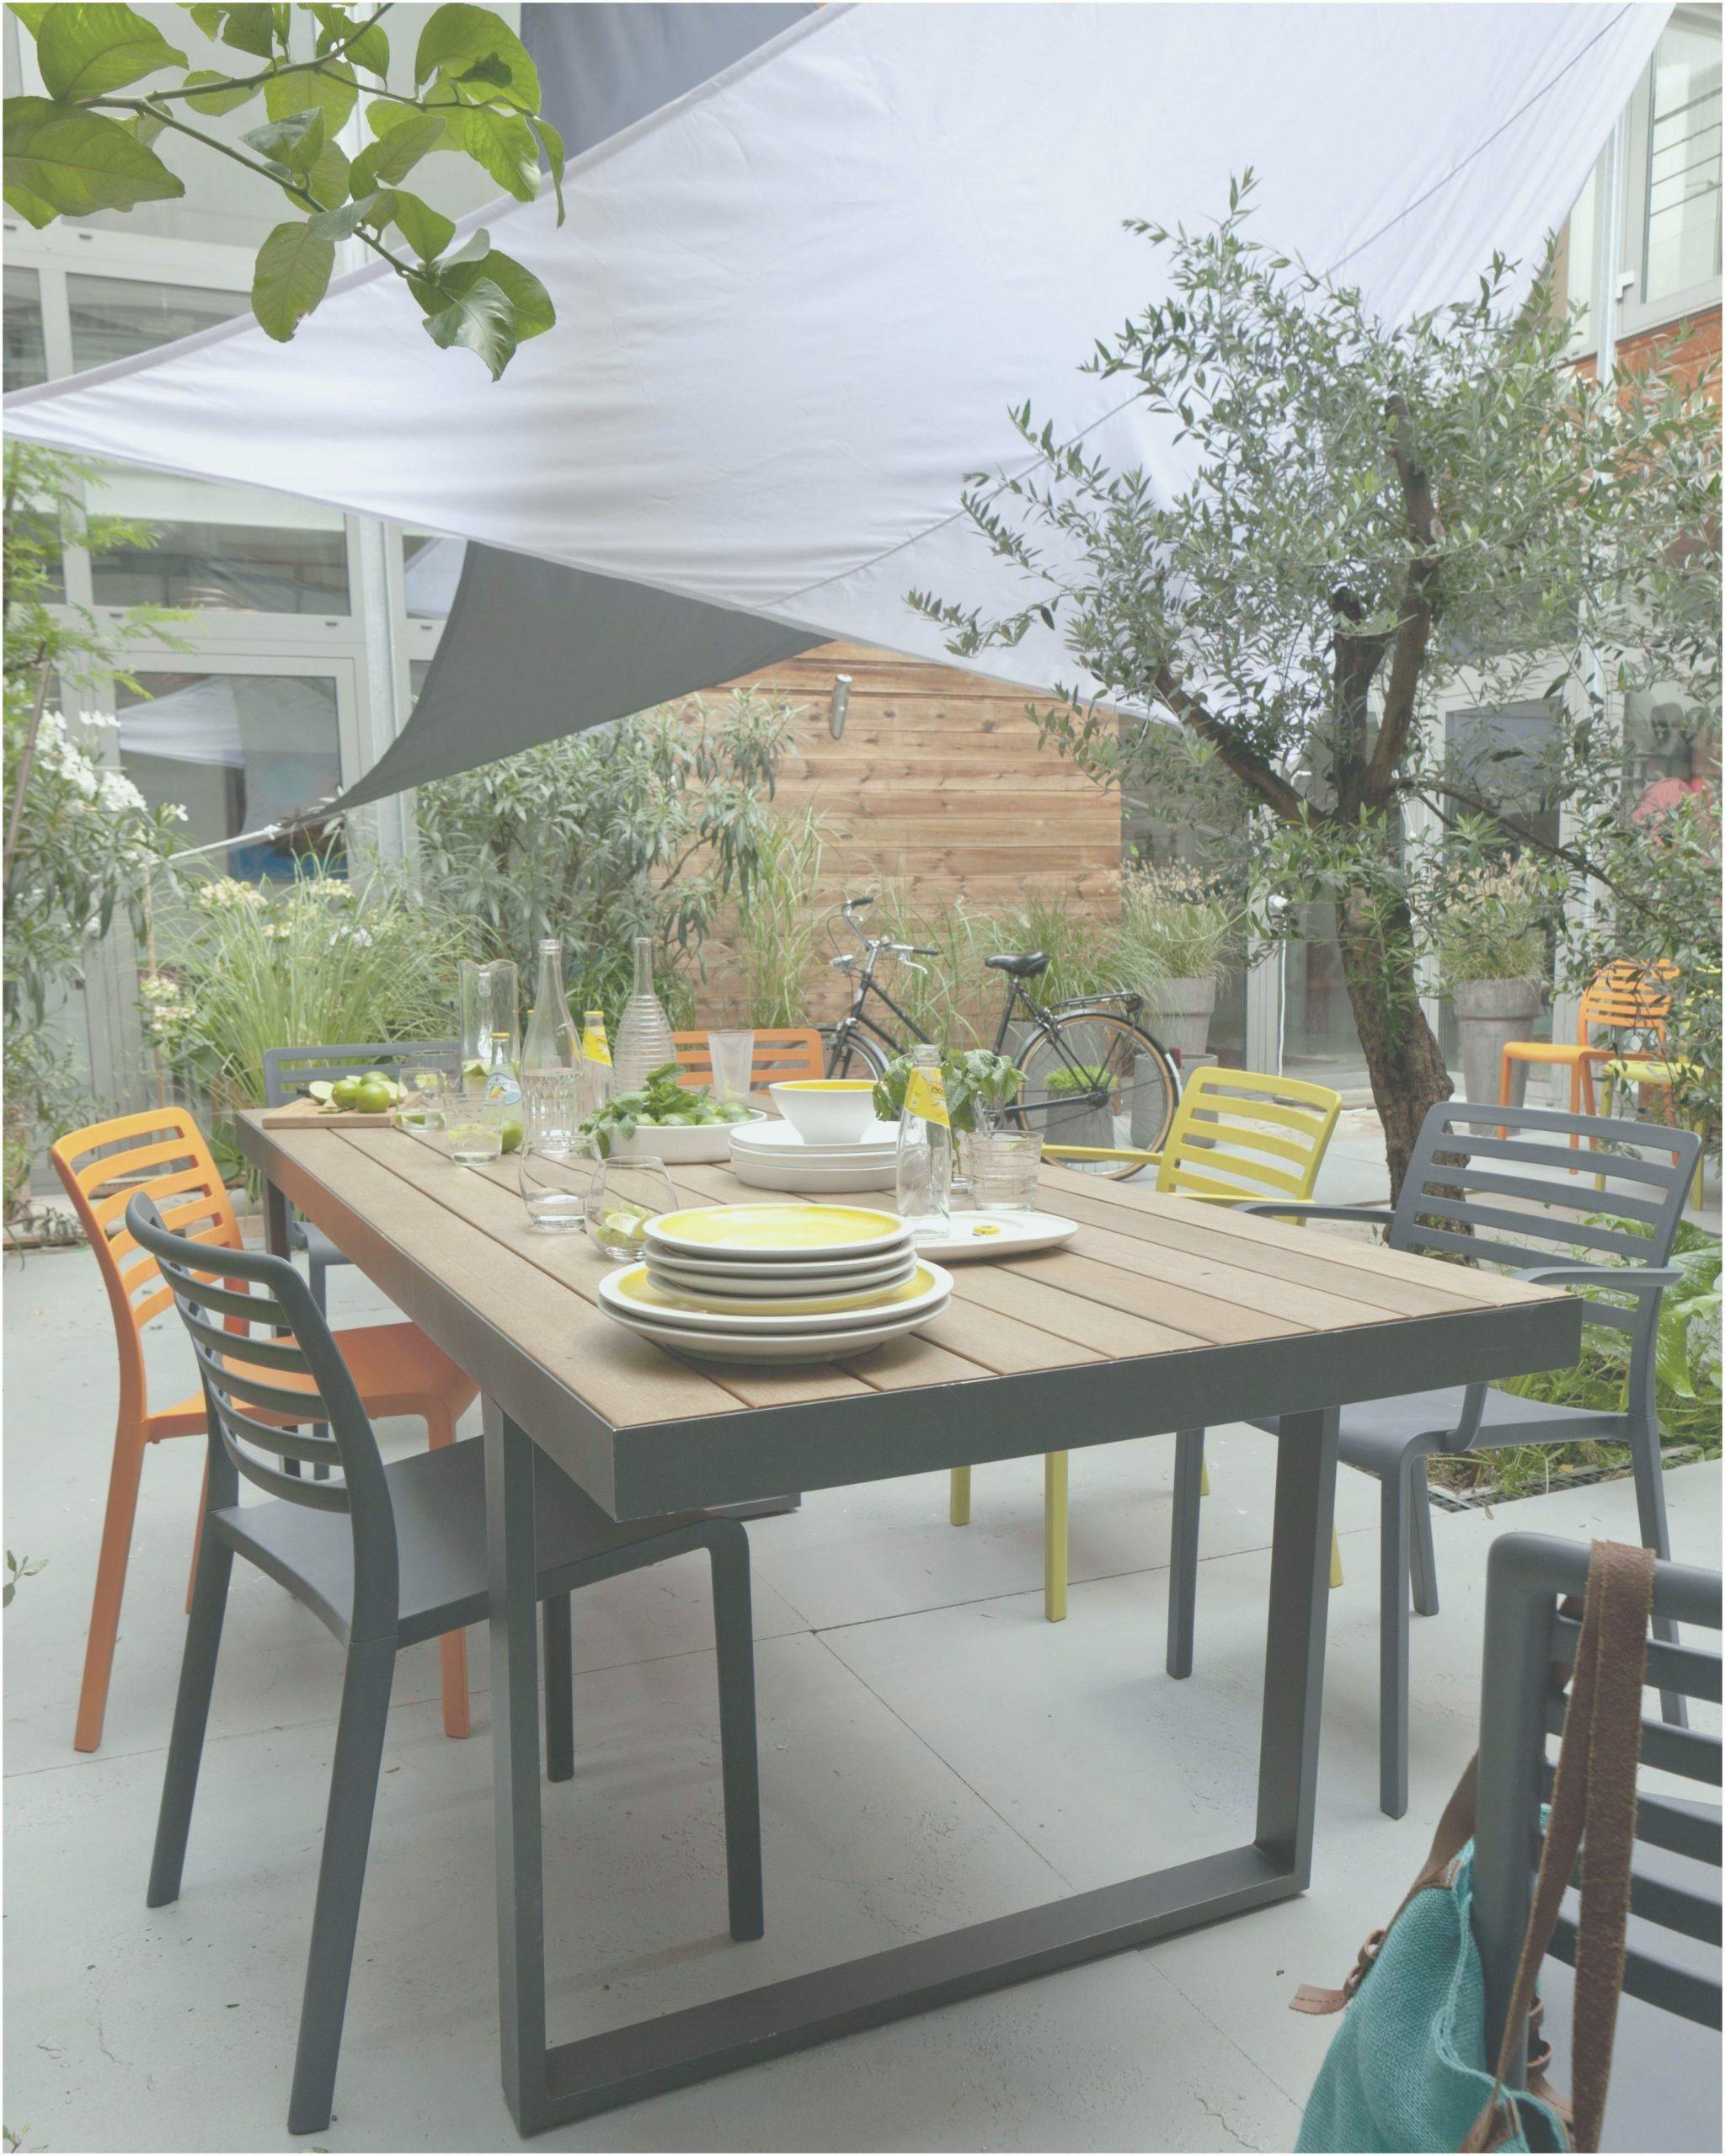 46 Idées De Design Meuble De Jardin Leroy Merlin à Salon De Jardin En Resine Leroy Merlin